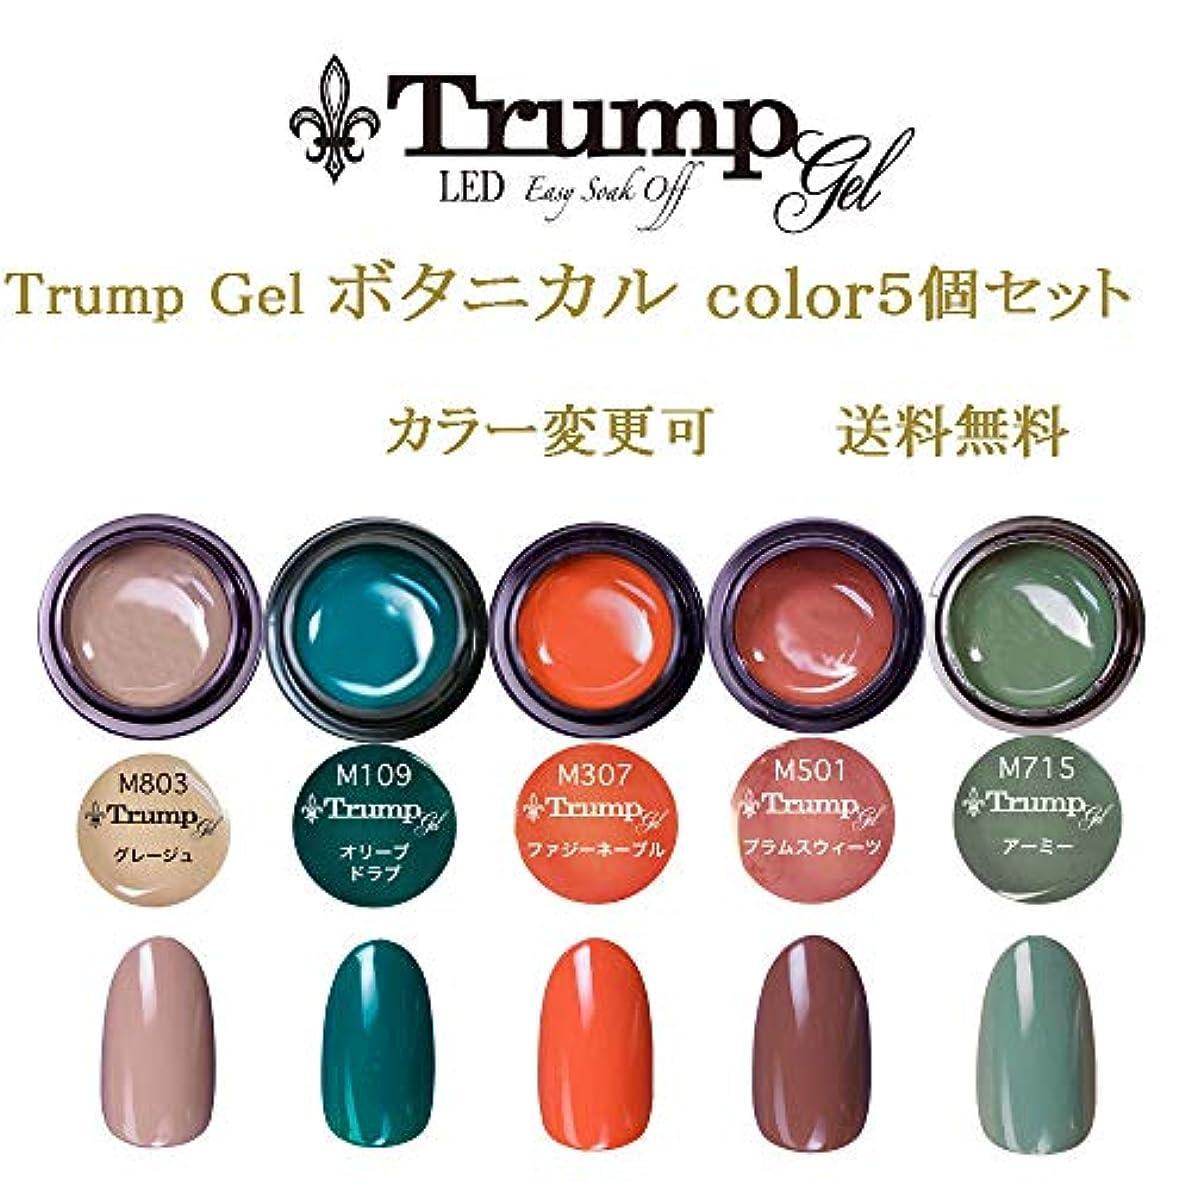 お父さんひどい季節日本製 Trump gel トランプジェル ボタニカルカラー 選べる カラージェル 5個セット カーキー ベージュ グリーン